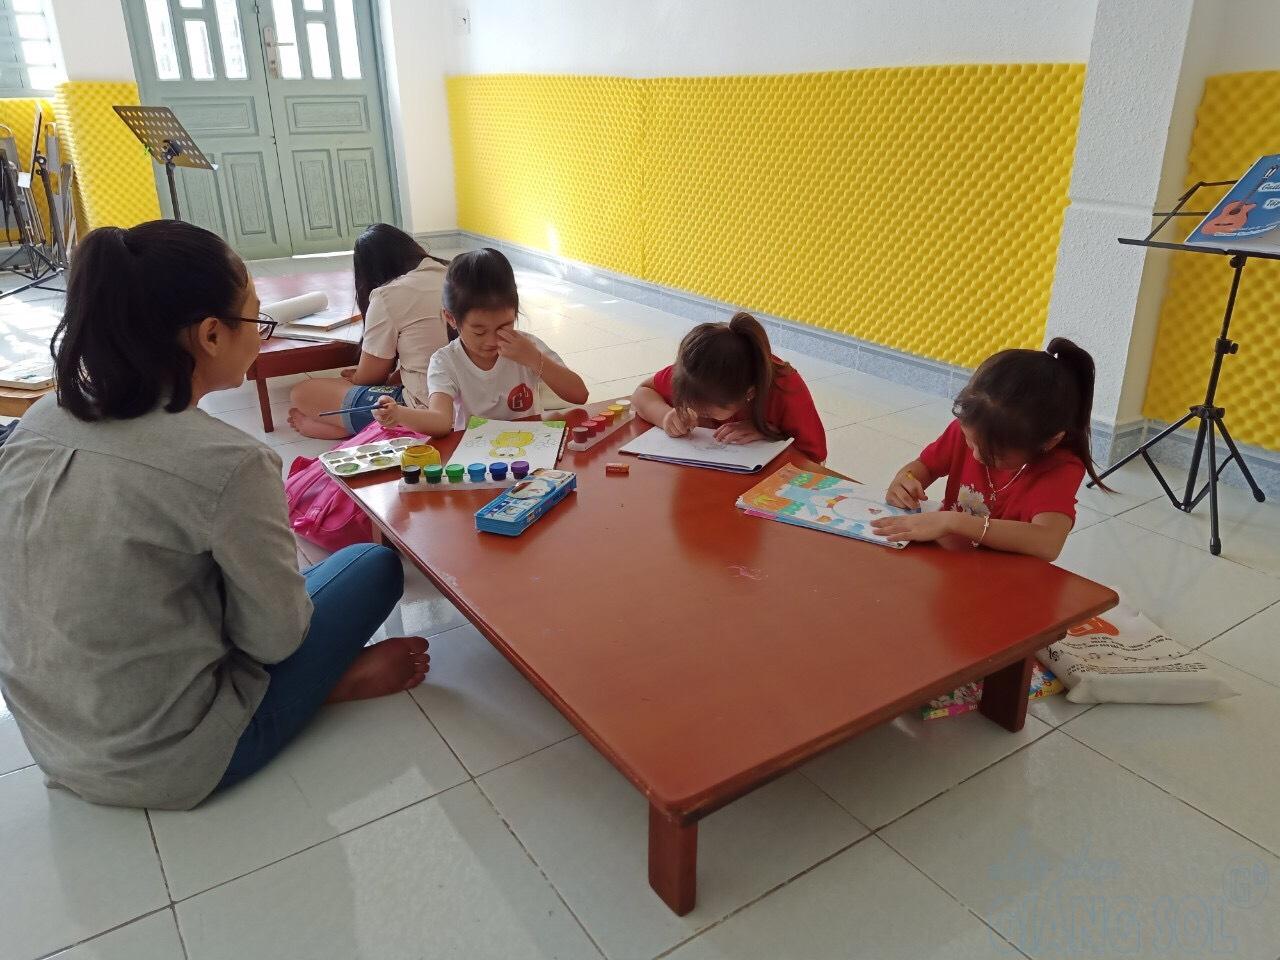 Lợi ích khi cho bé tập tô màu, lớp vẽ thiếu nhi Quận 12